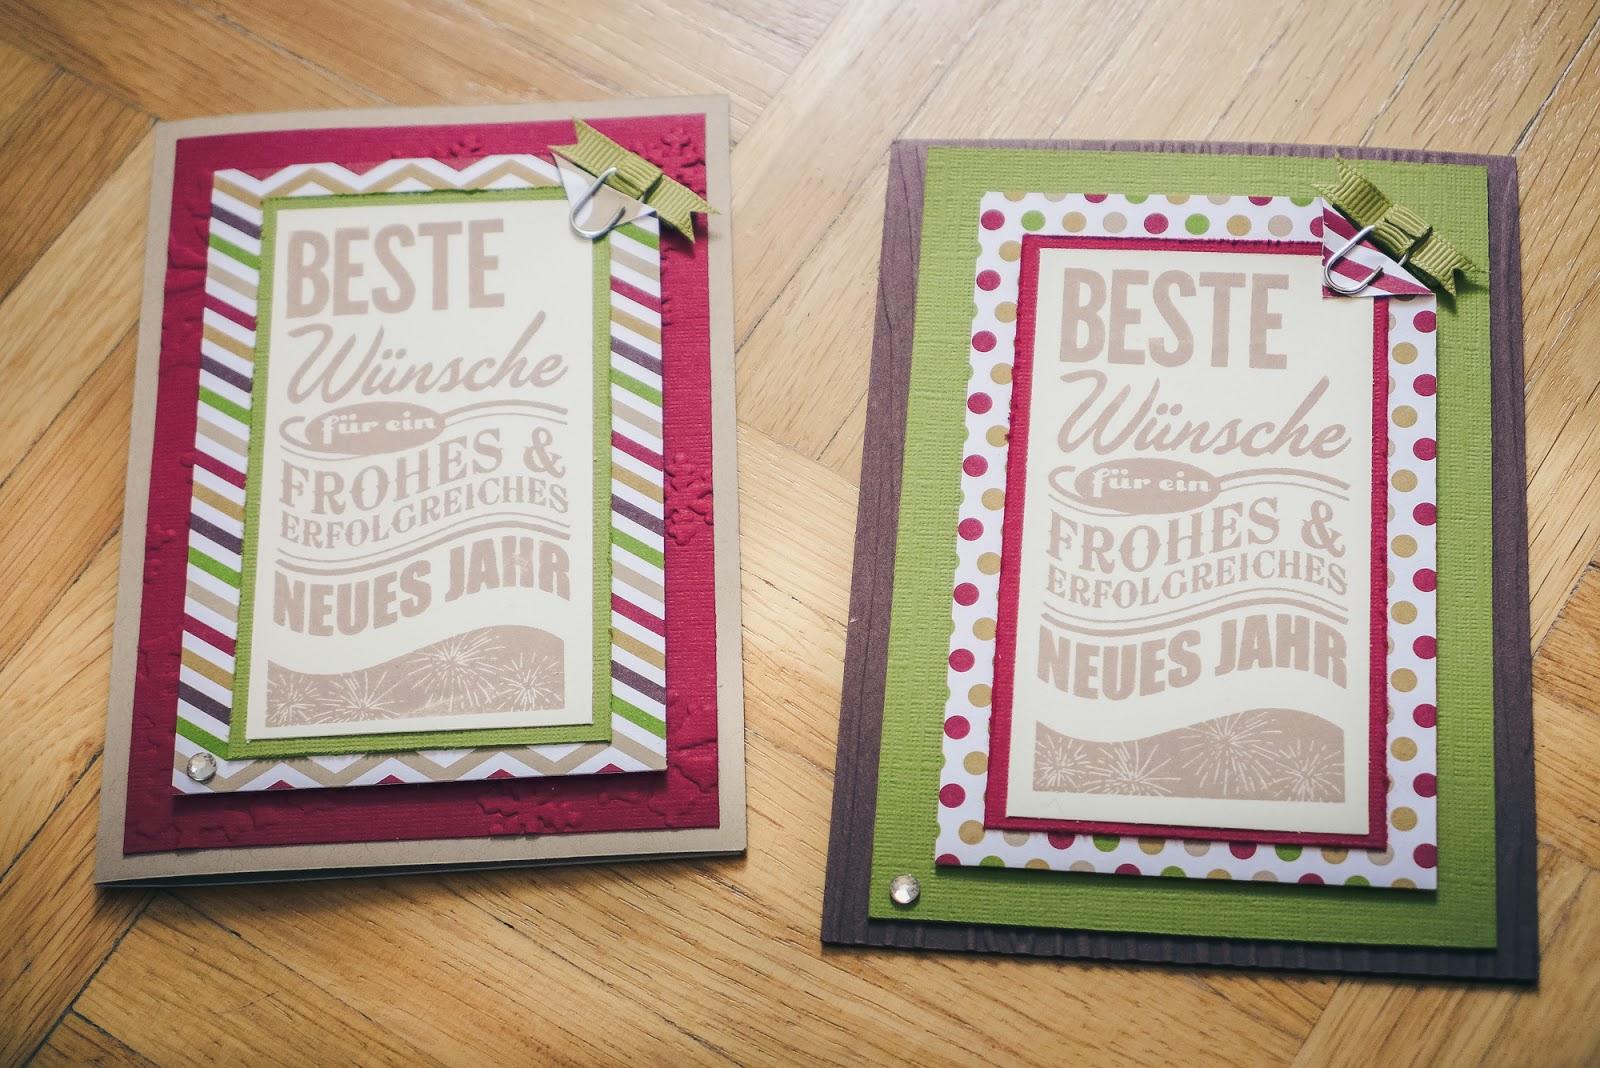 Meine Bunte Welt Selbstgebastelte Weihnachtskarten Verschicken